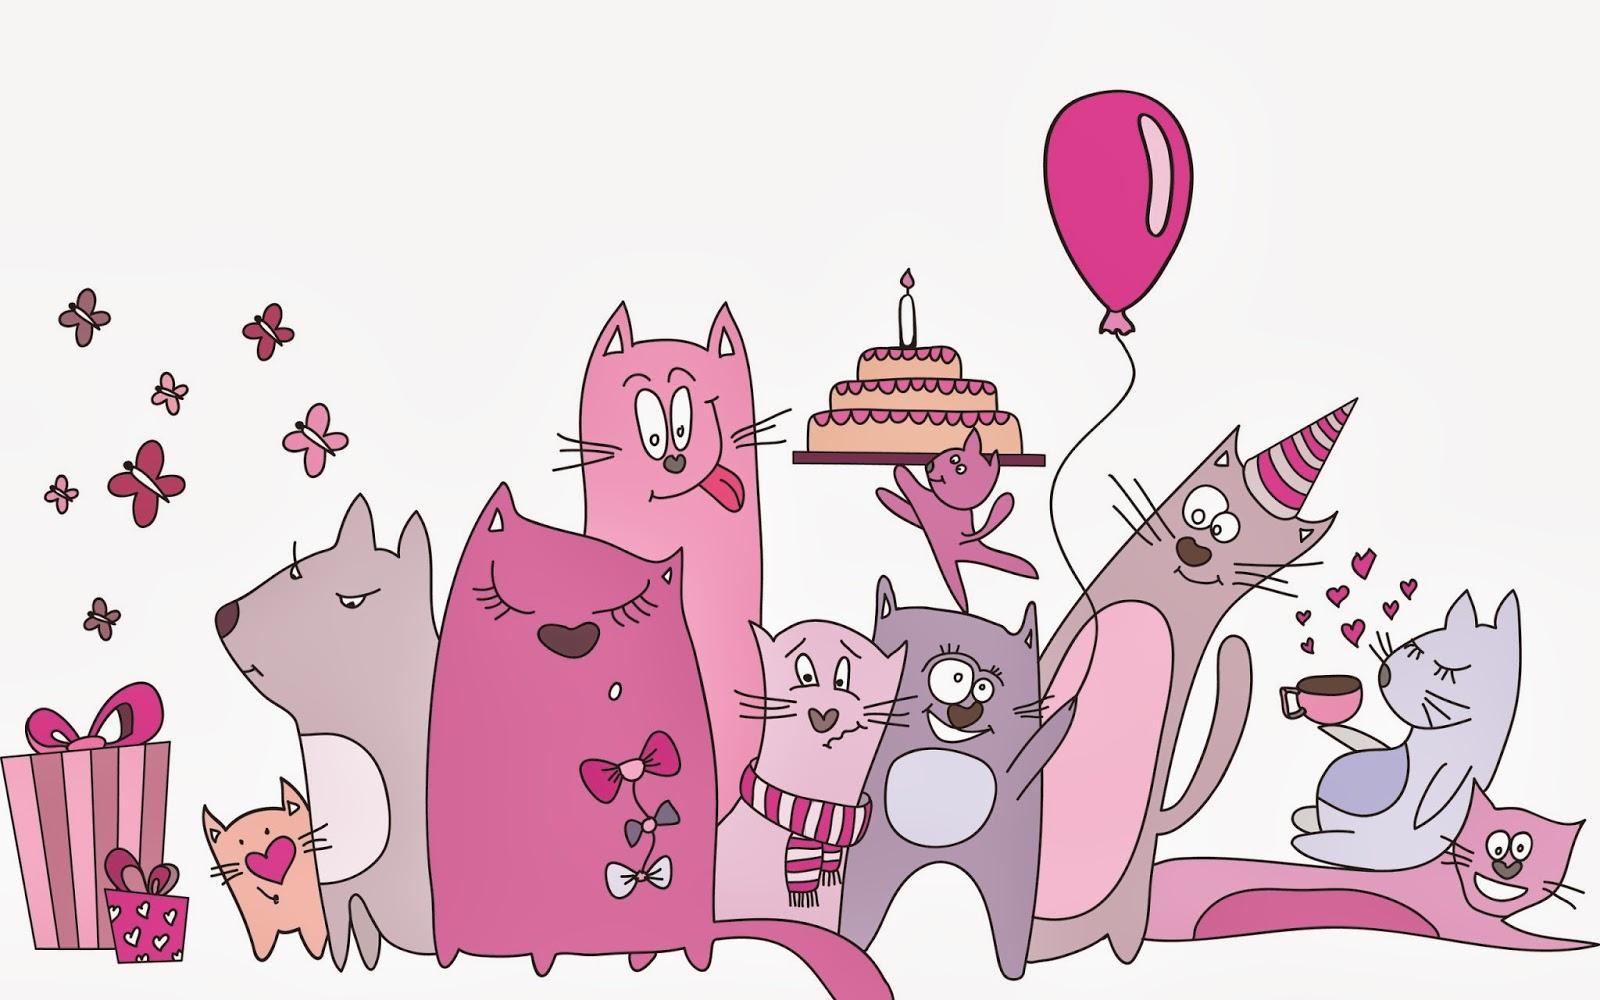 Поздравления с днем рождения бухгалтера женщину картинки